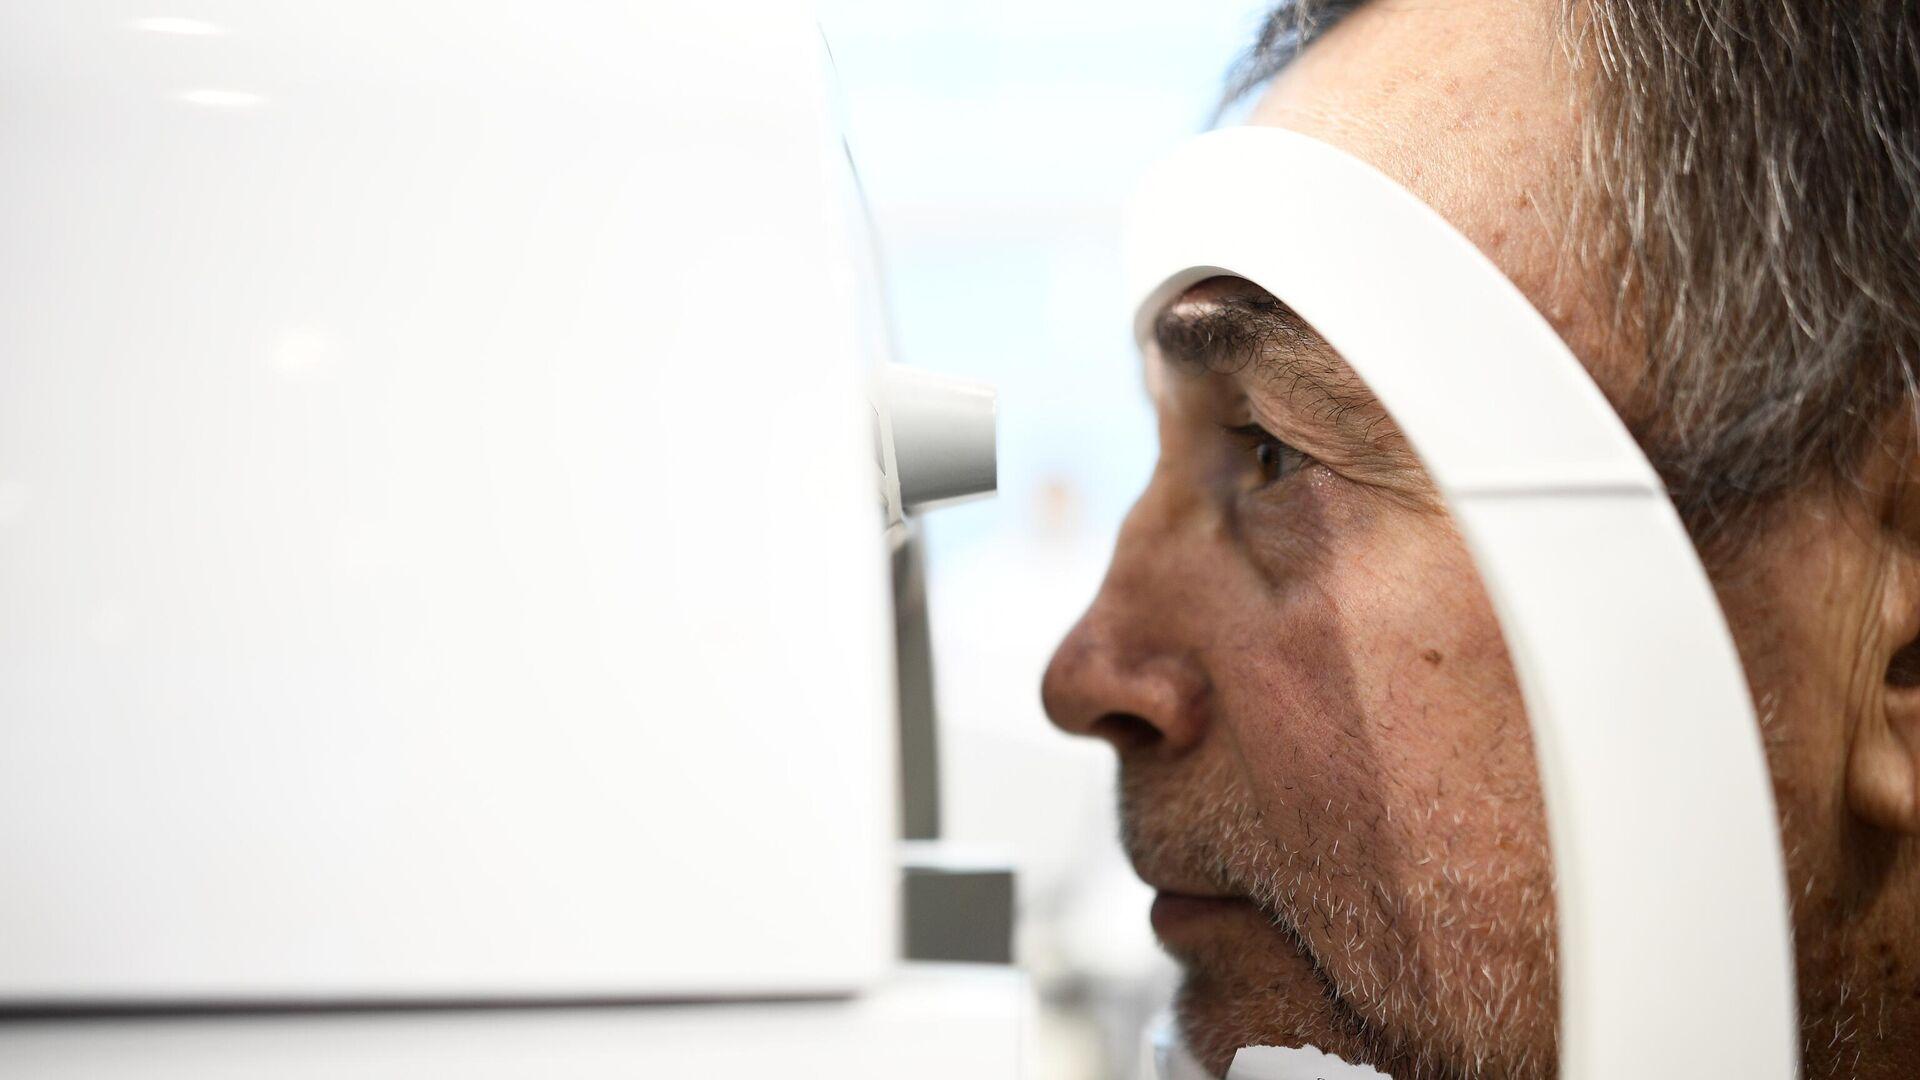 Офтальмолог назвала проблемы со зрением из-за смартфона